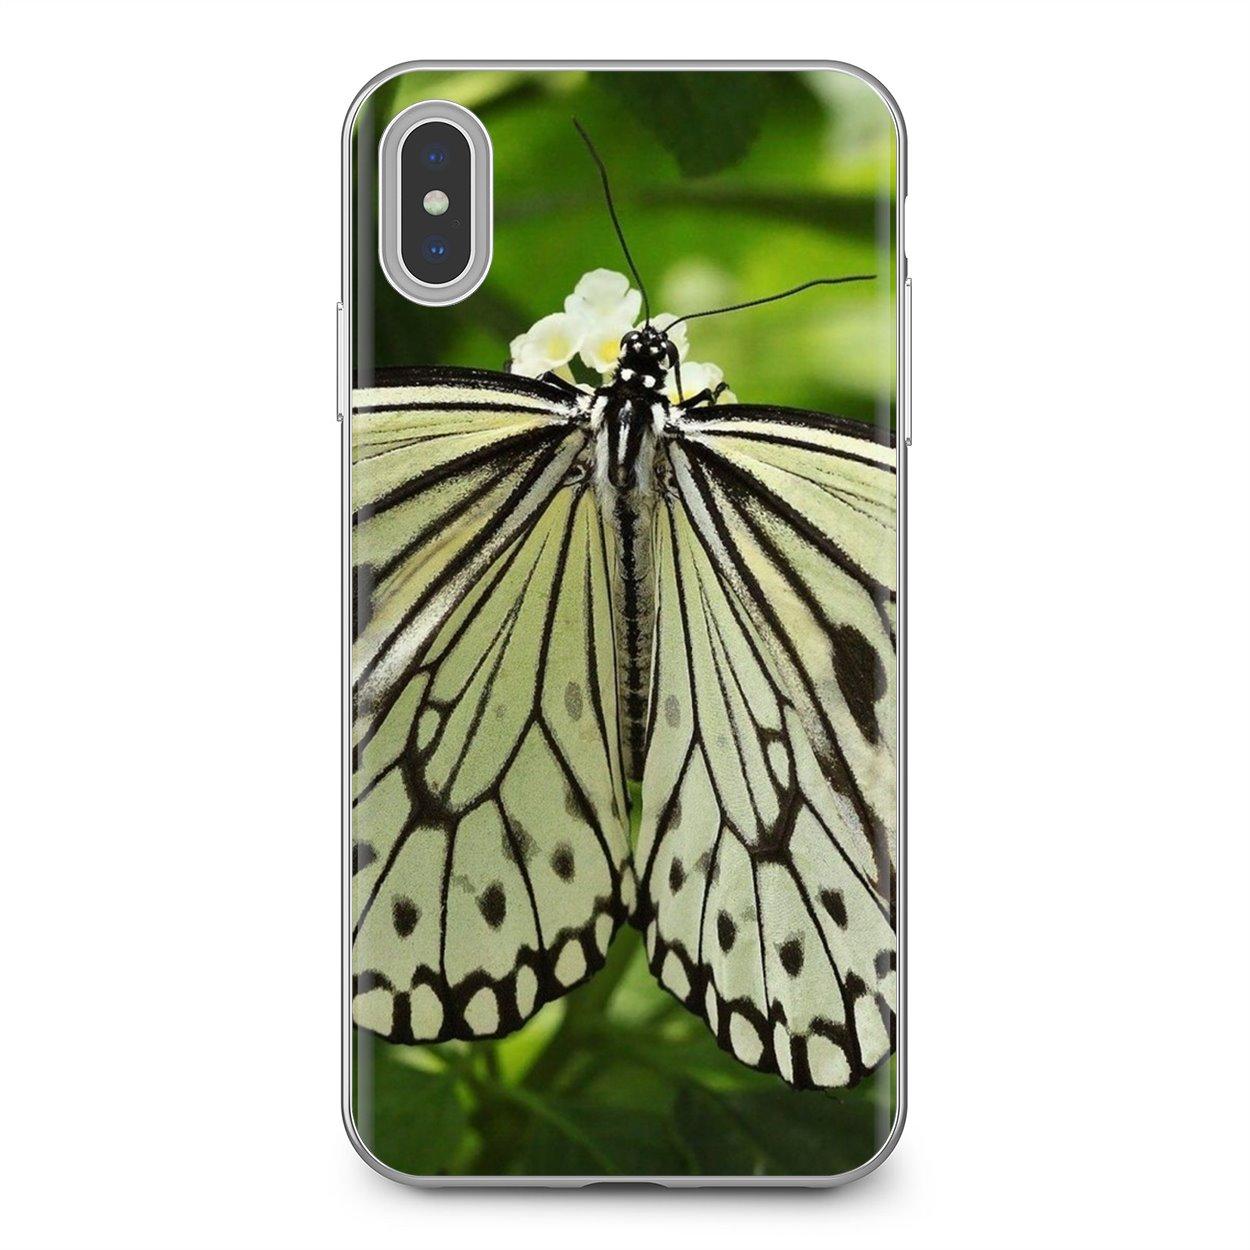 Popular de silicona funda de teléfono para Xiaomi Redmi 4A 7A S2 Nota 8 3S 3S 4 4X 5 Plus 6 7 6A Pro teléfono móvil F1 Macro mariposa insecto